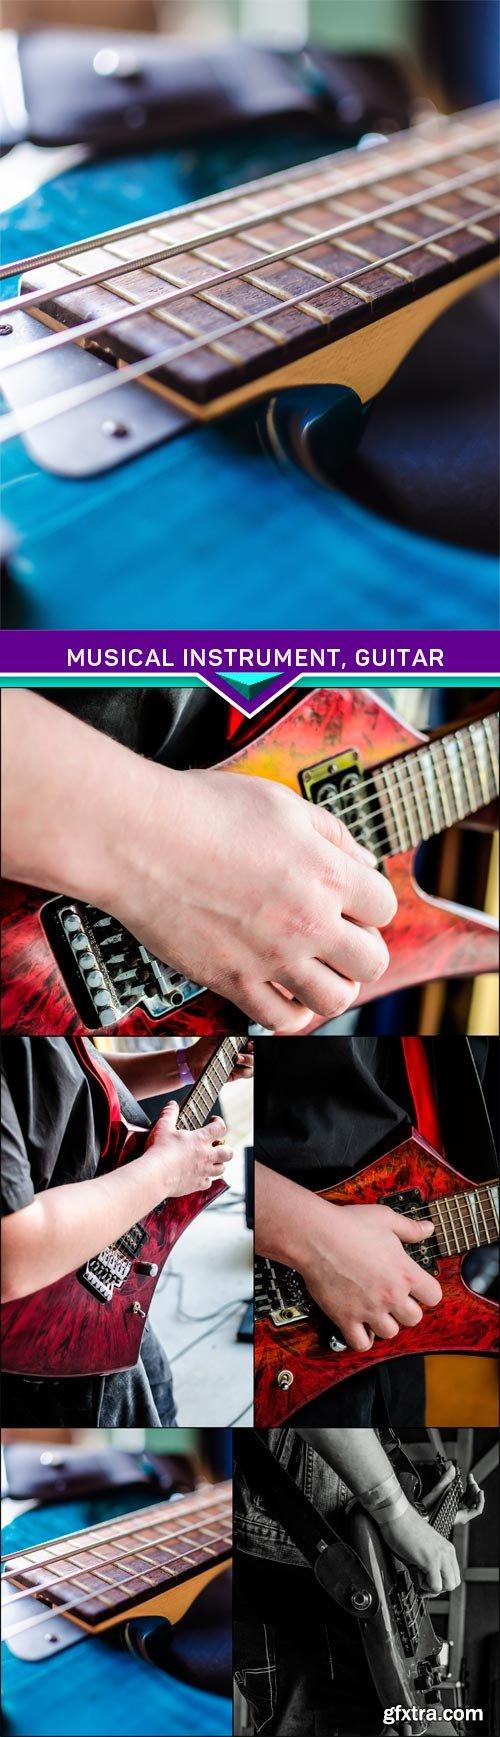 Musical instrument, guitar 5x JPEG